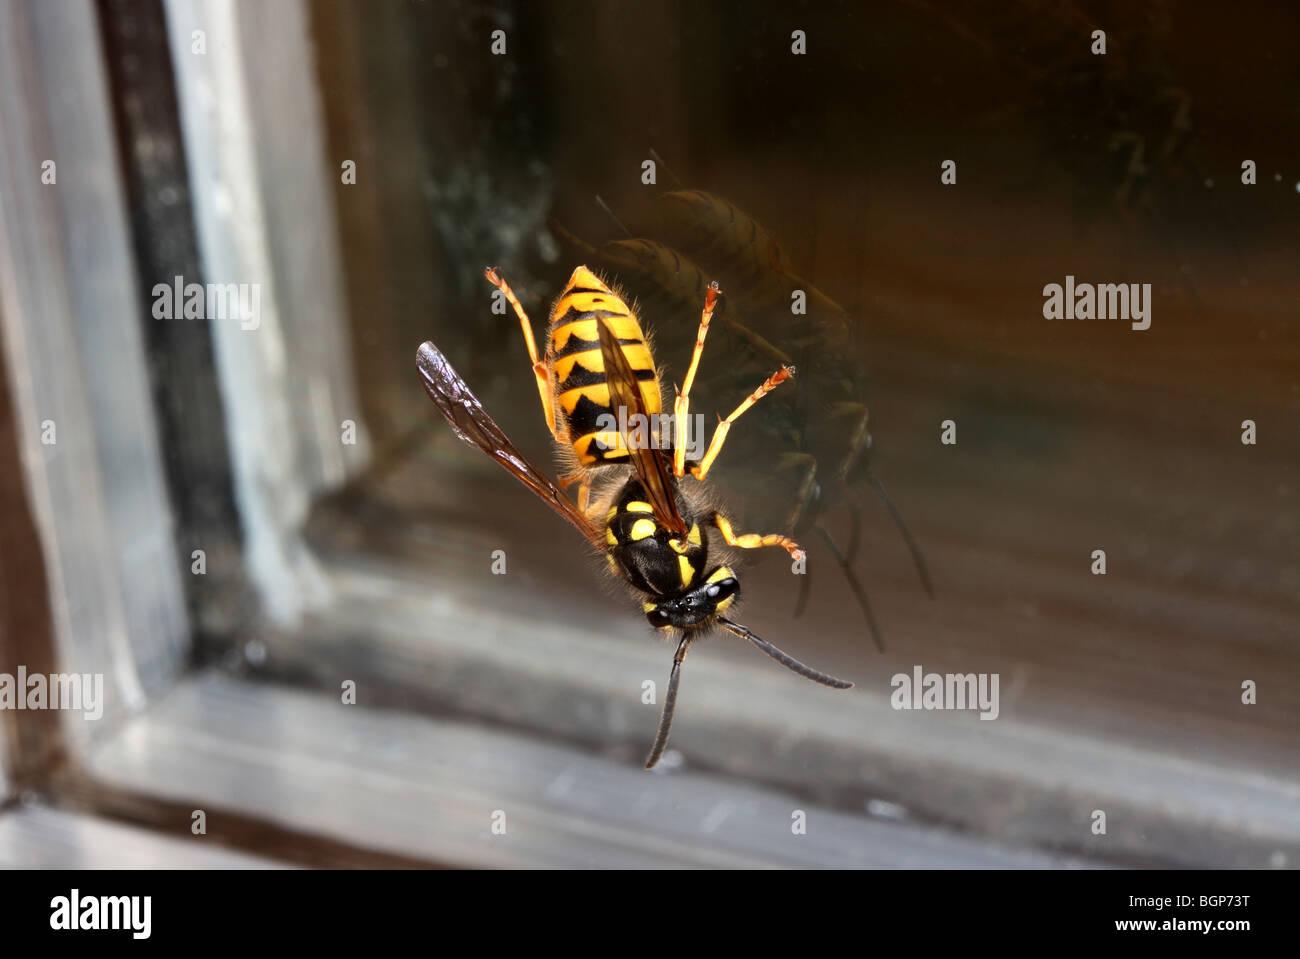 A wasp, close-up. - Stock Image